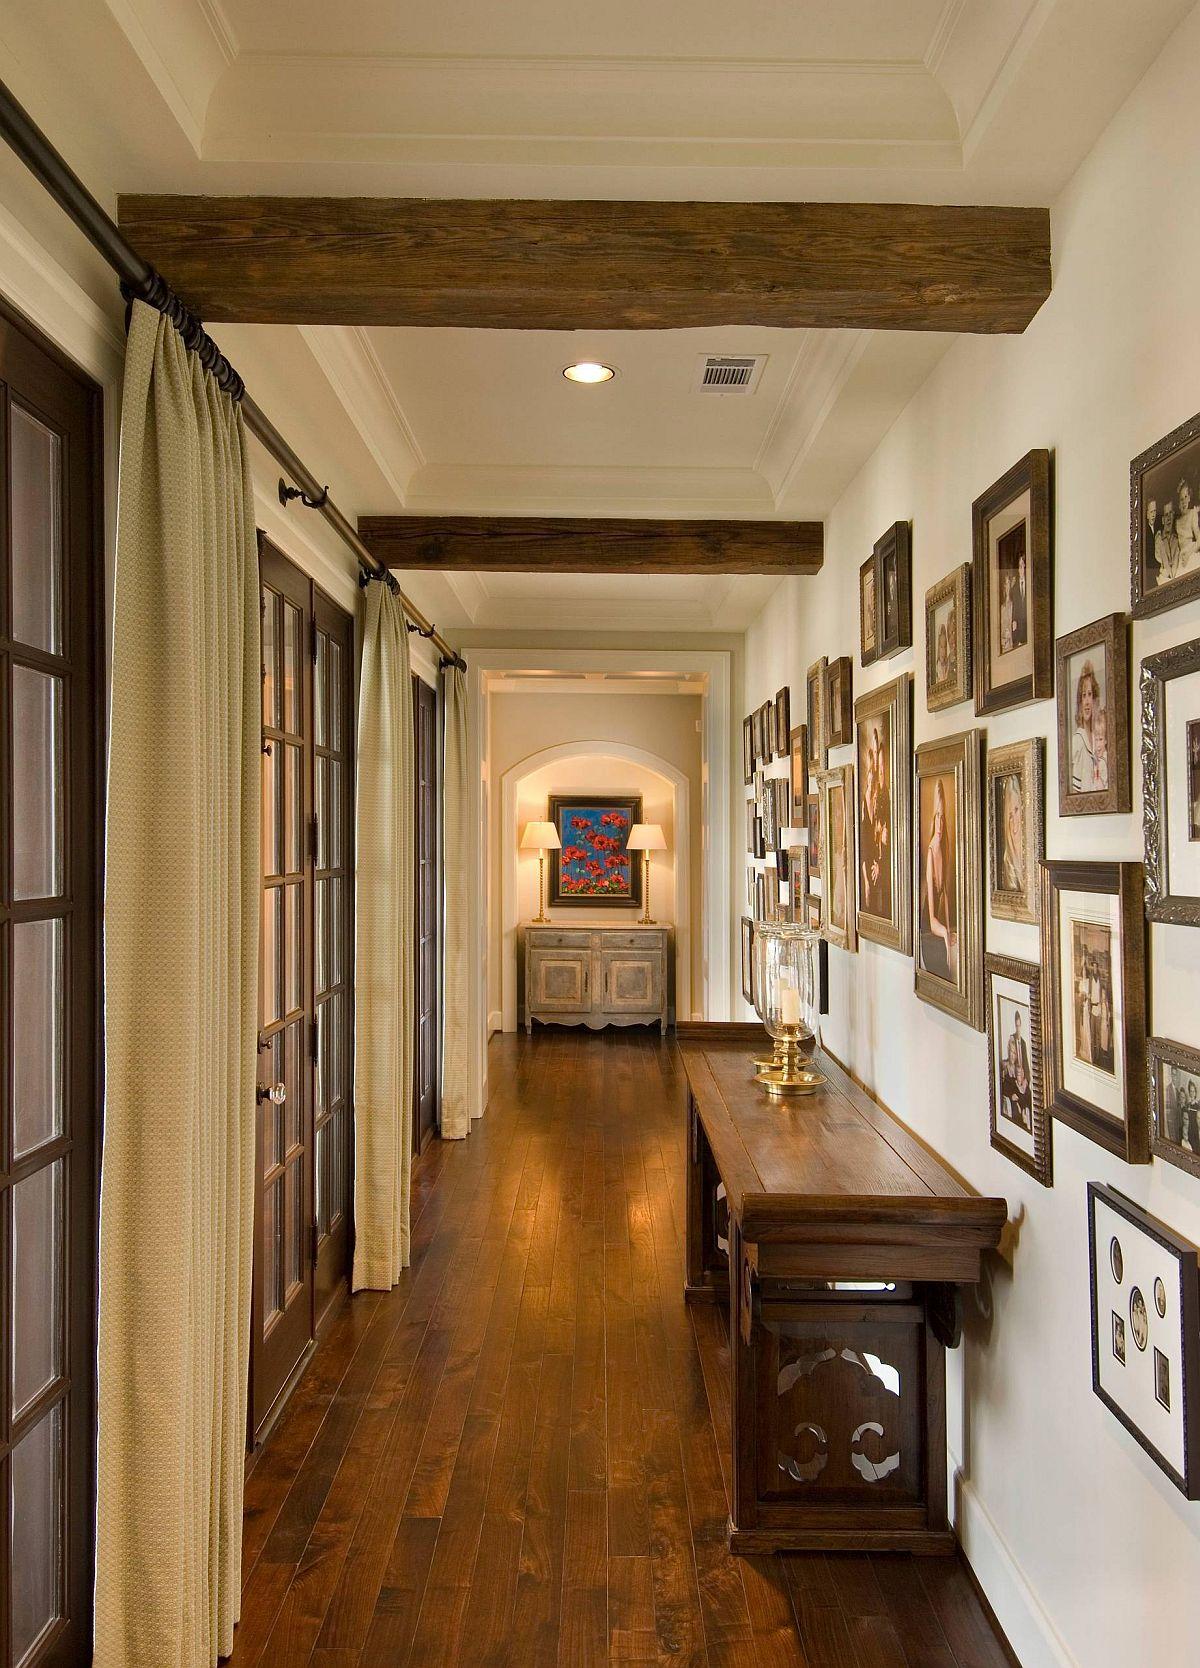 Sử dụng các khung có kết cấu tương tự mang lại cho hành lang này một sức hấp dẫn thị giác đẹp hơn.